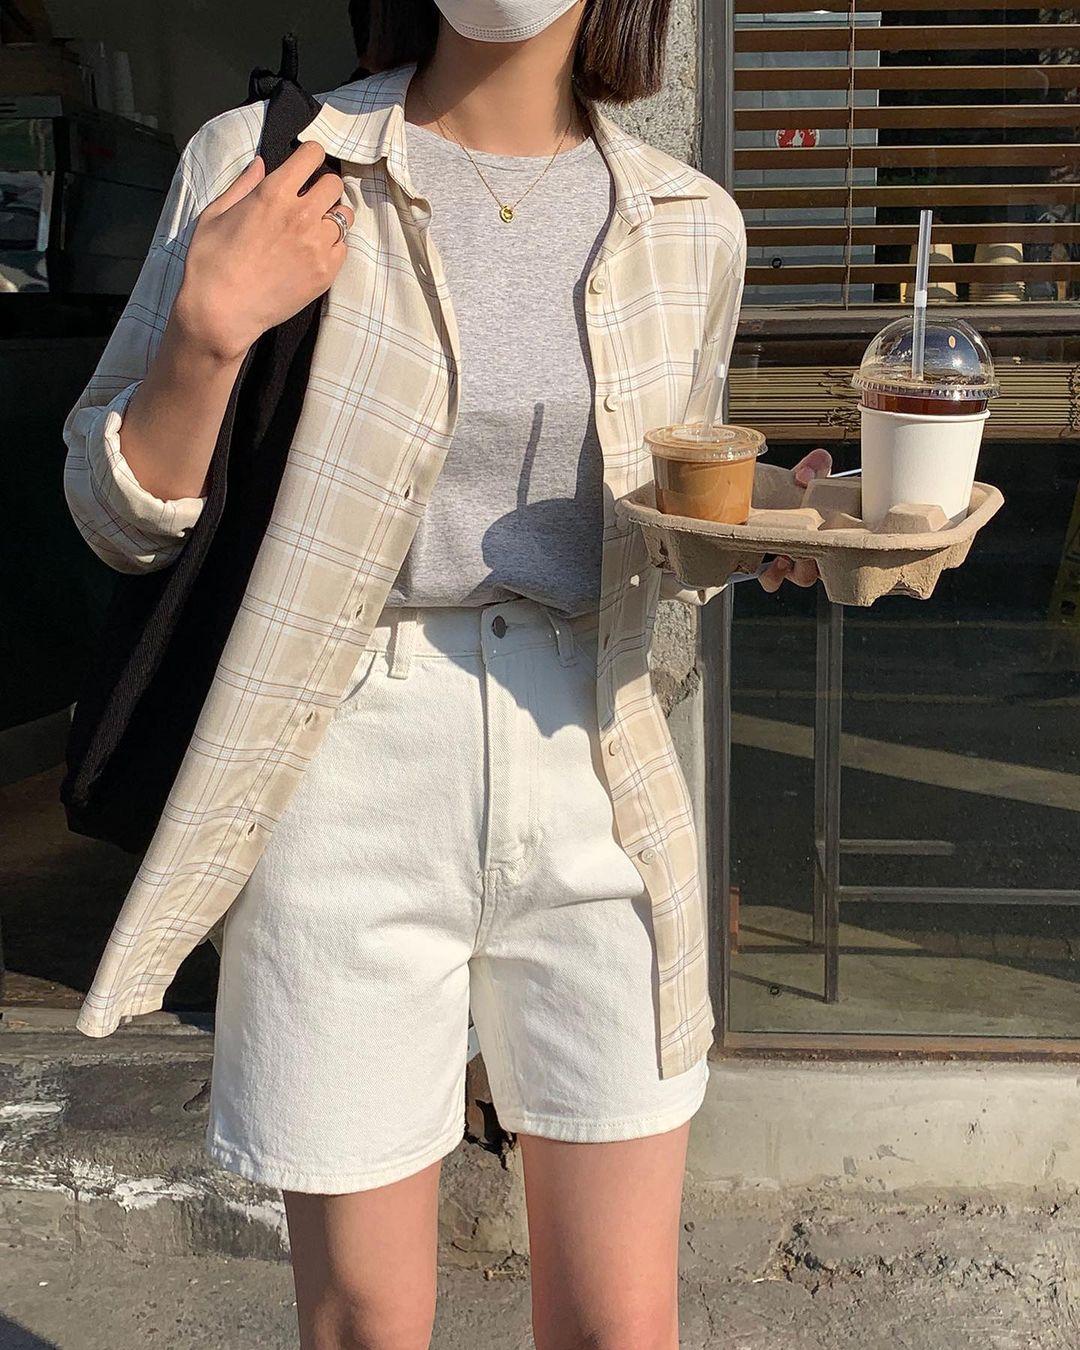 Hội sành điệu toàn mix quần shorts với 5 kiểu áo này để có outfit đẹp hết chỗ chê - Ảnh 8